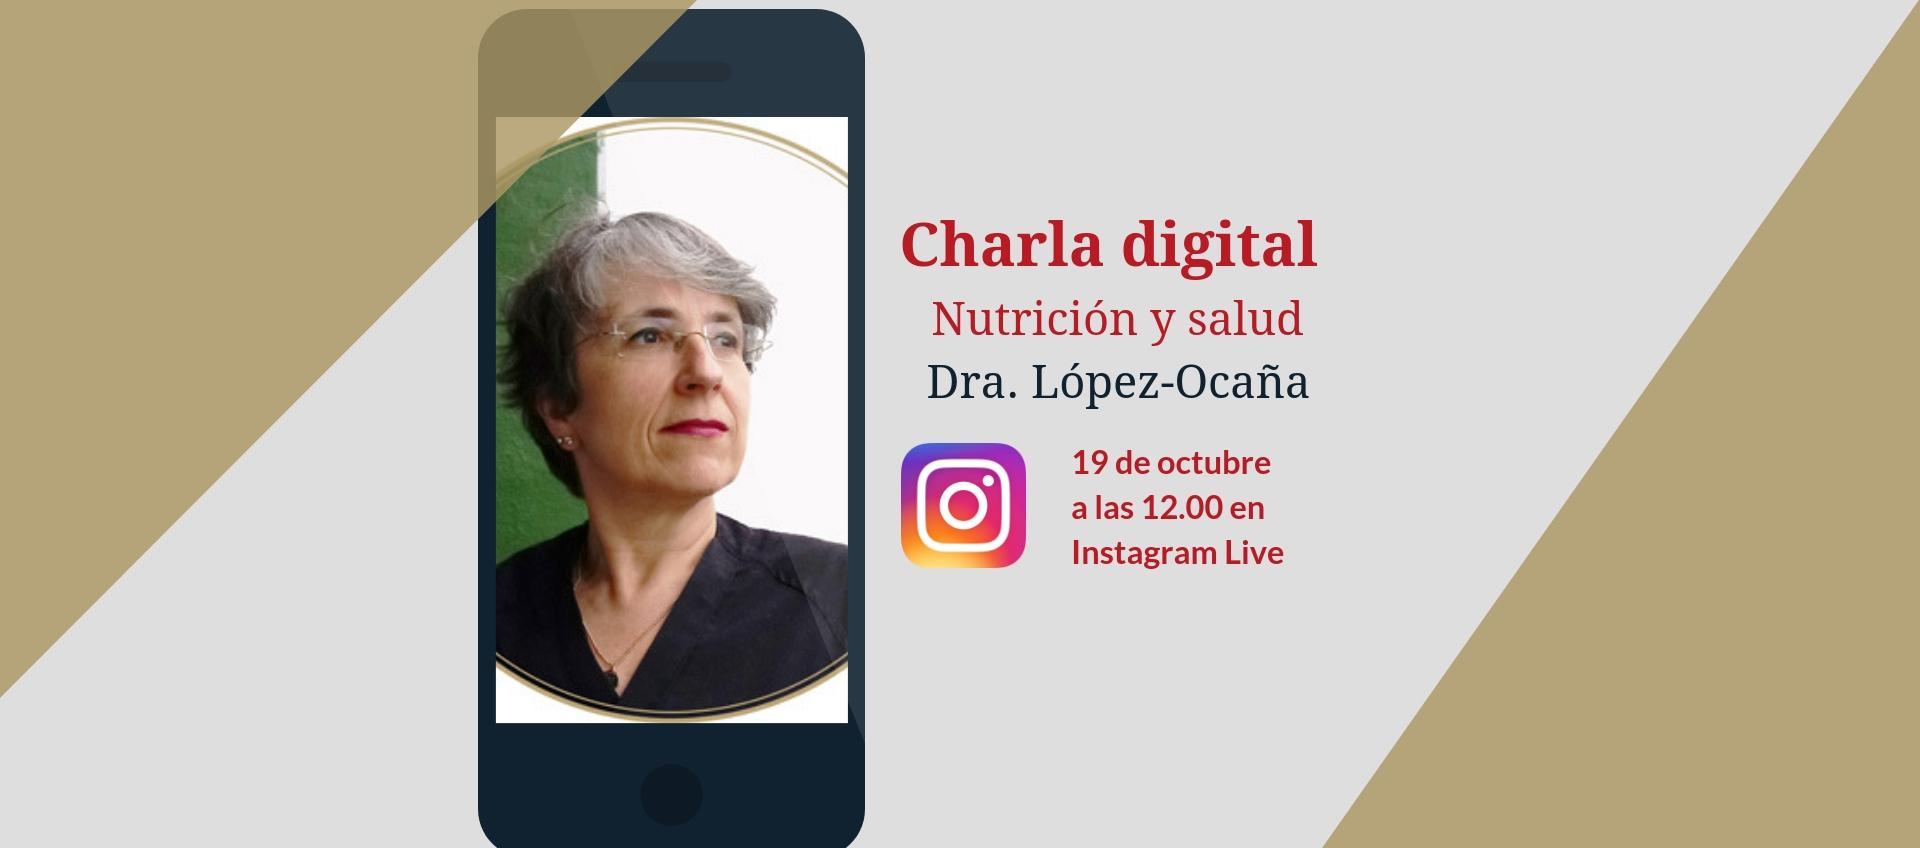 Charla digital sobre nutrición